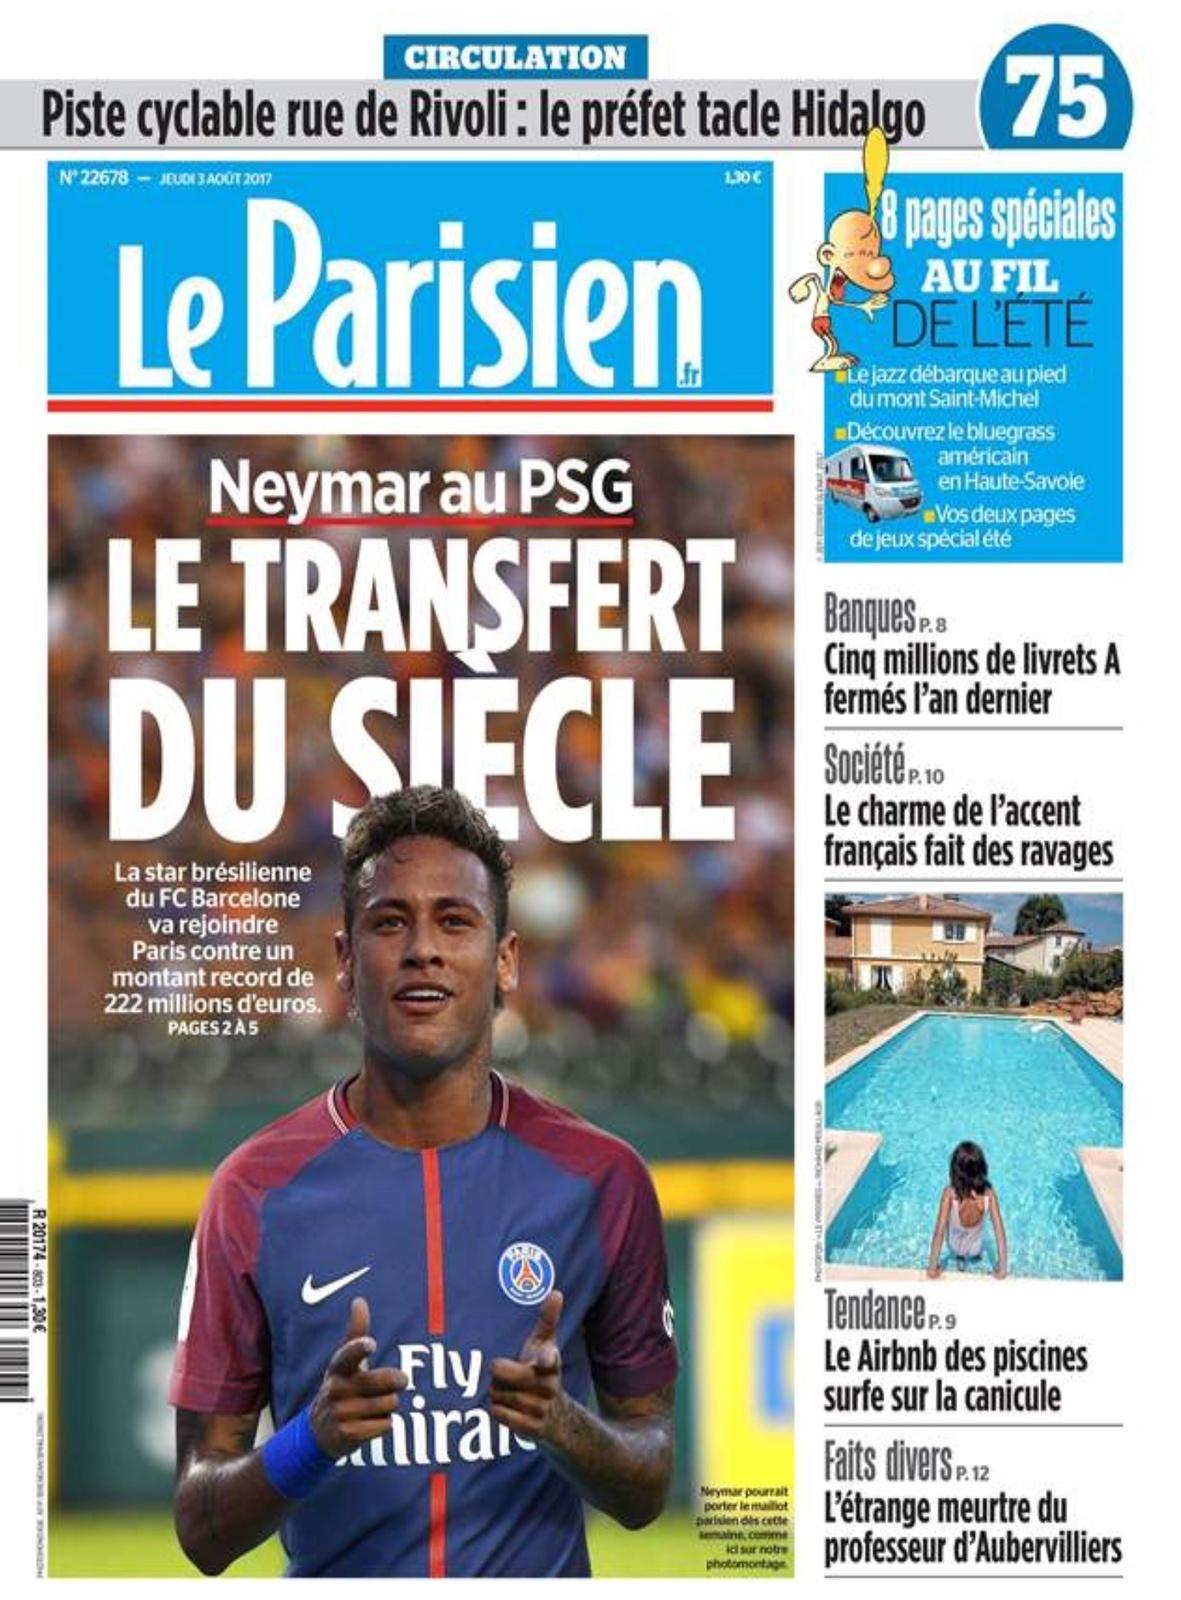 eecf44eaca30f Entenda por que a transação de Neymar mudará o futebol mundial ...